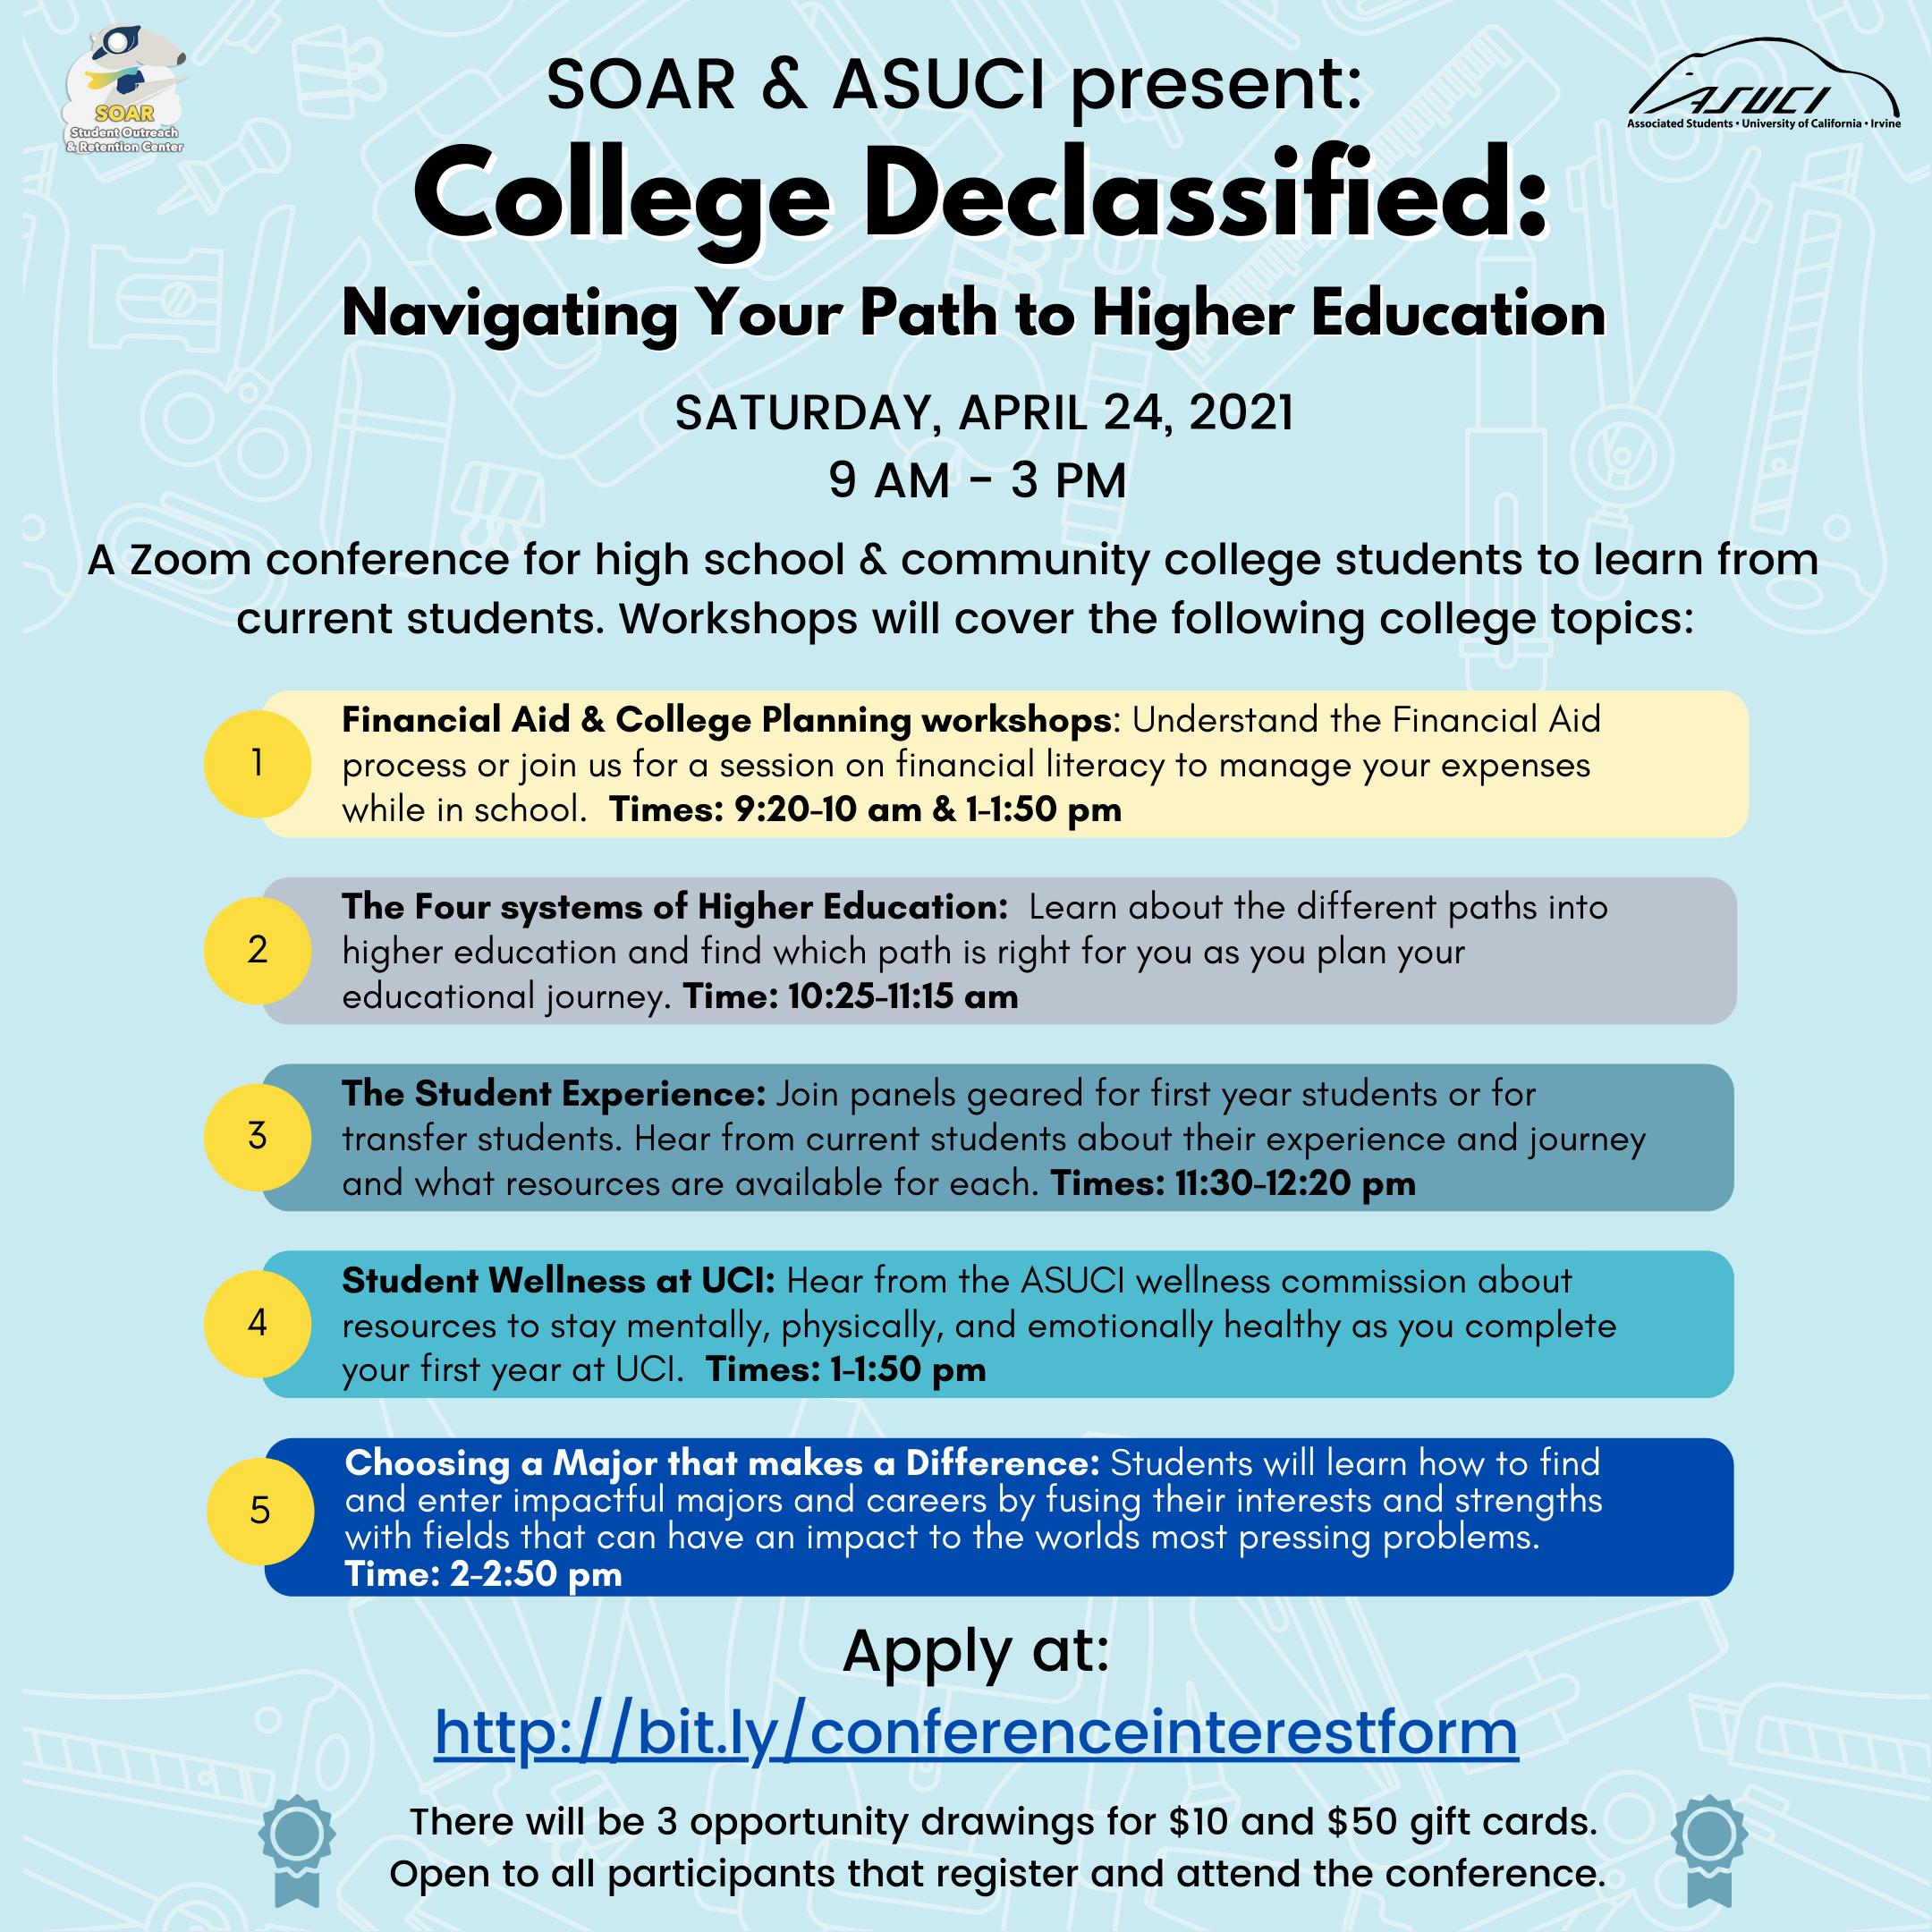 College Declassified